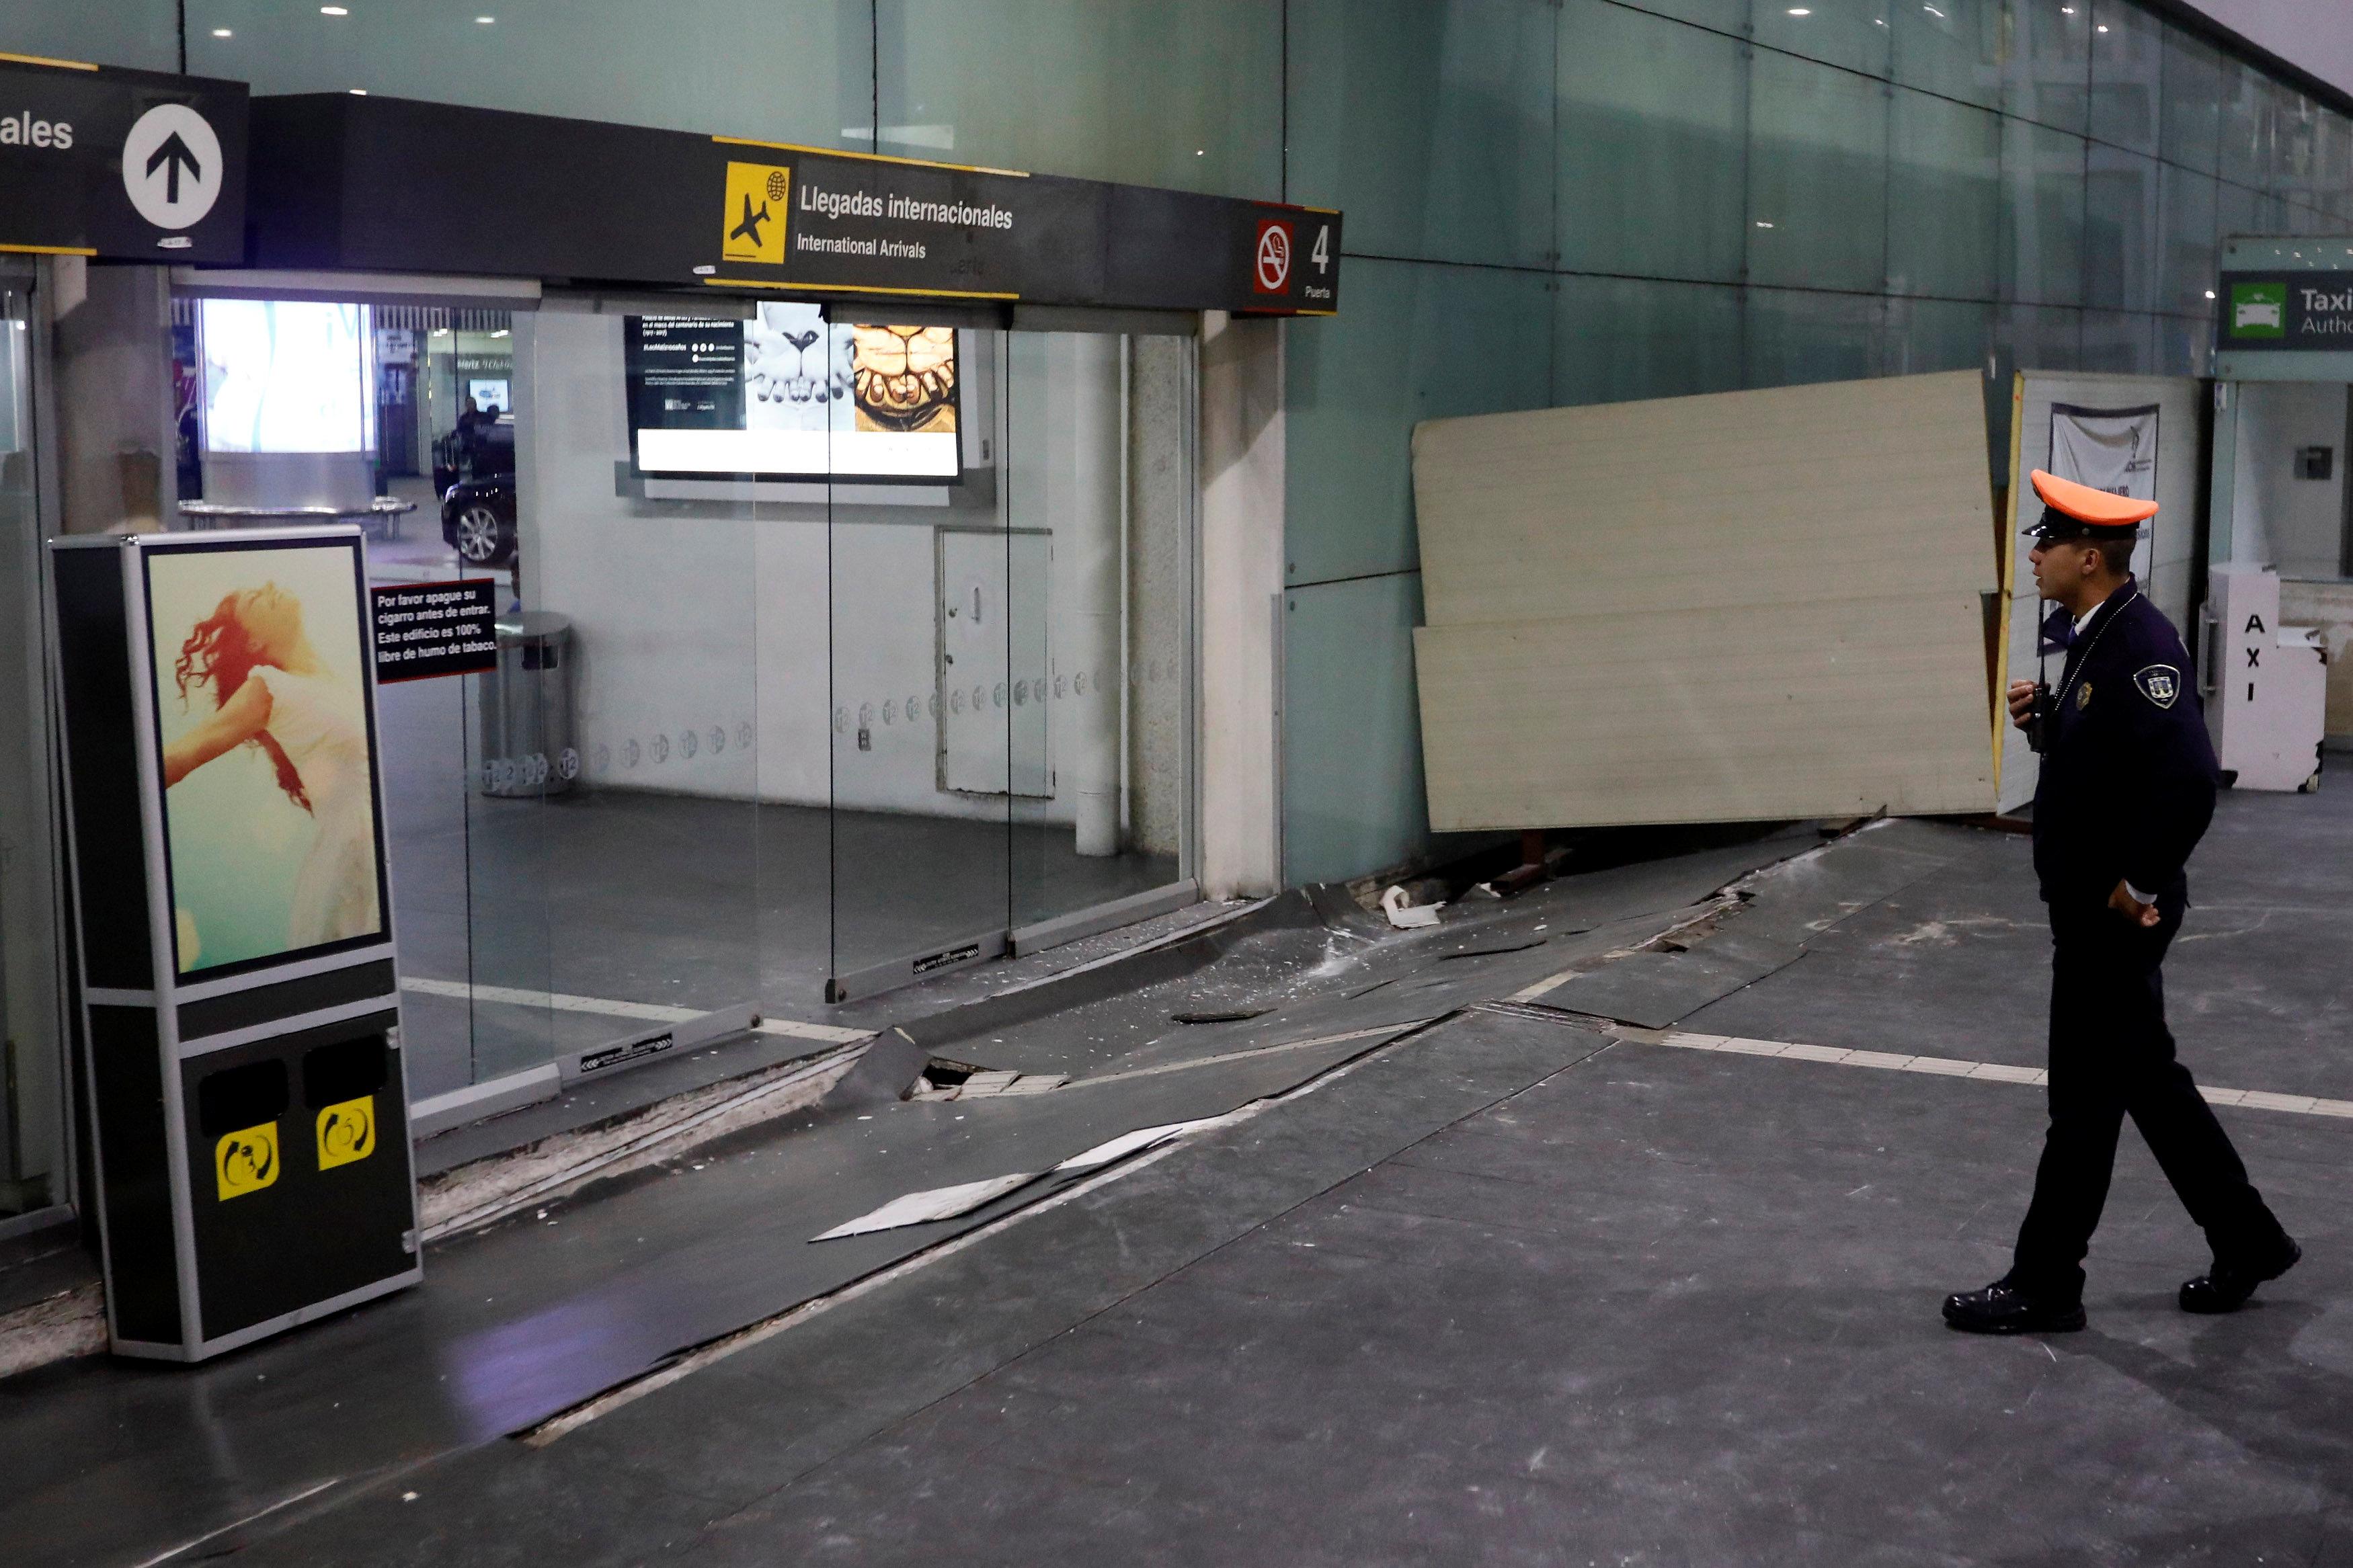 El sismo también afectó parte de la estructura del aeropuerto internacional Benito Juárez en Ciudad de México.(REUTERS/Edgard Garrido)